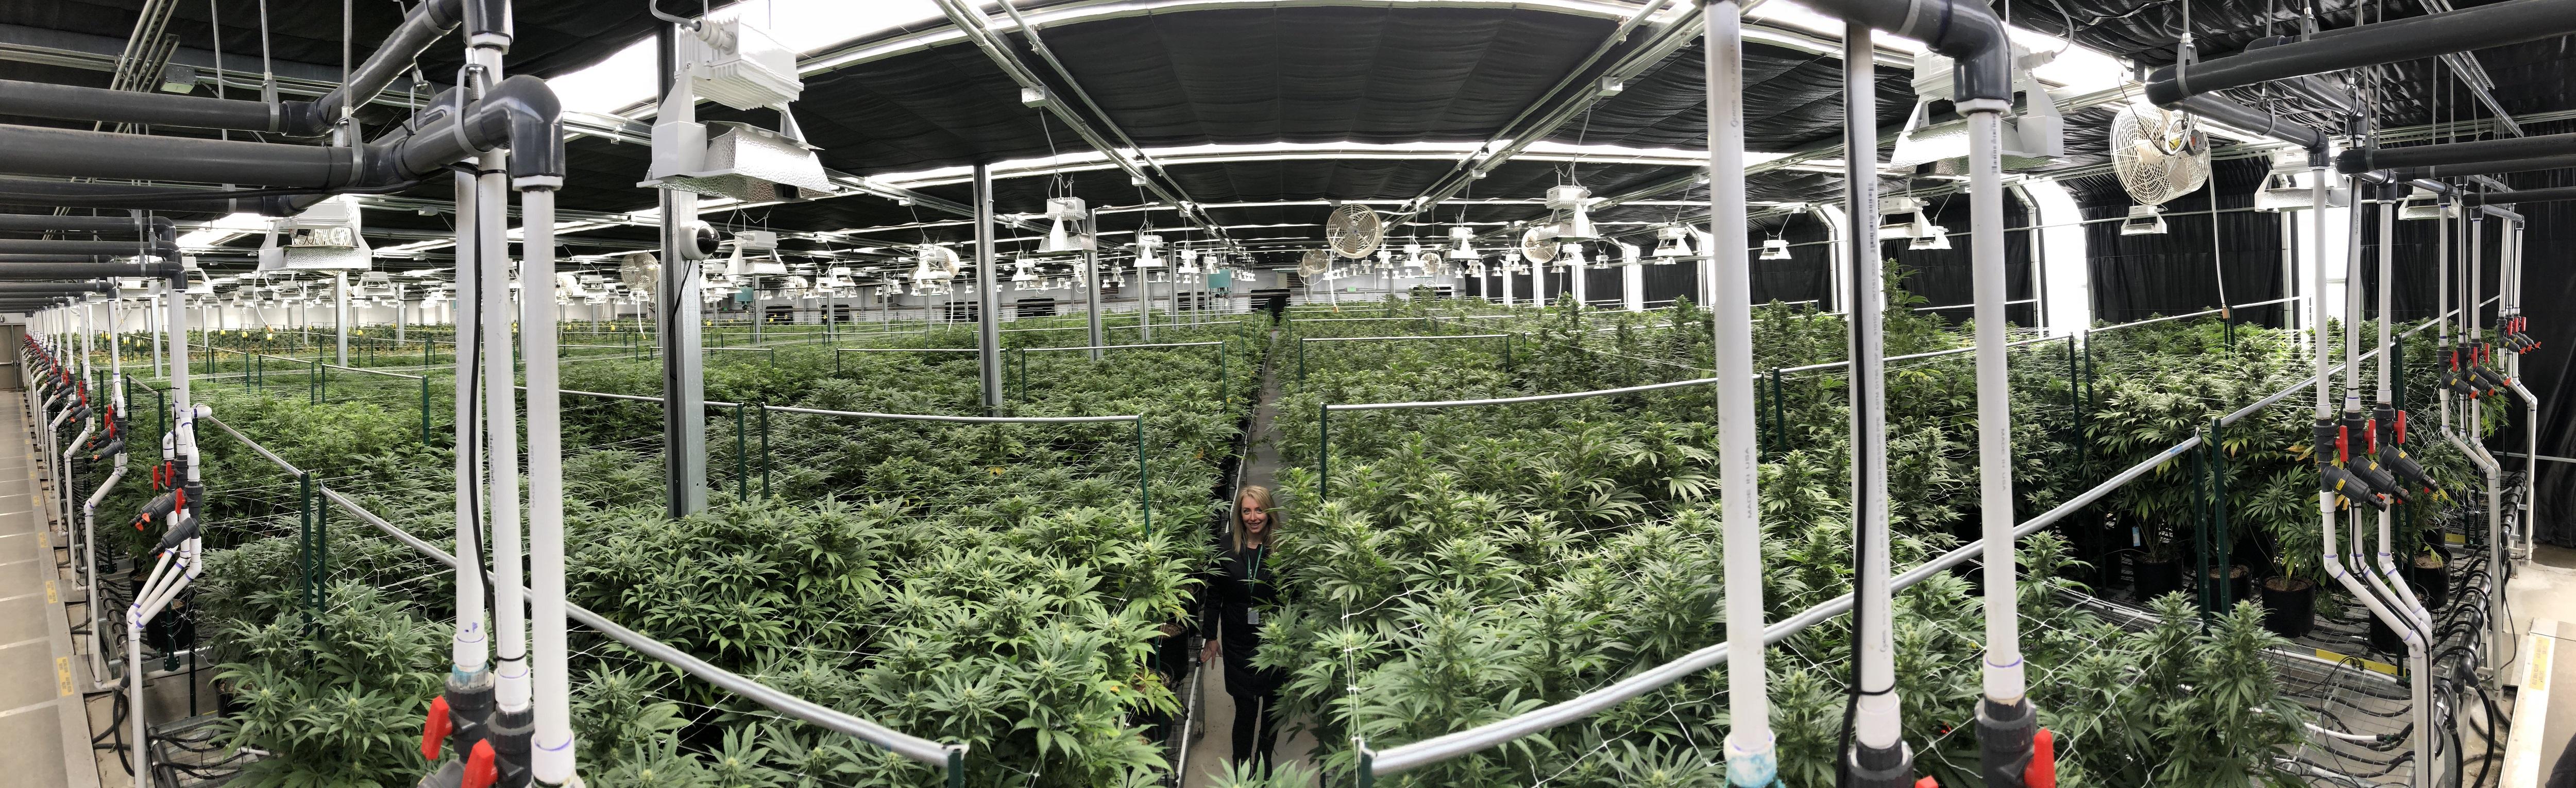 Growing a cannabis tech business CBD Willow Industries